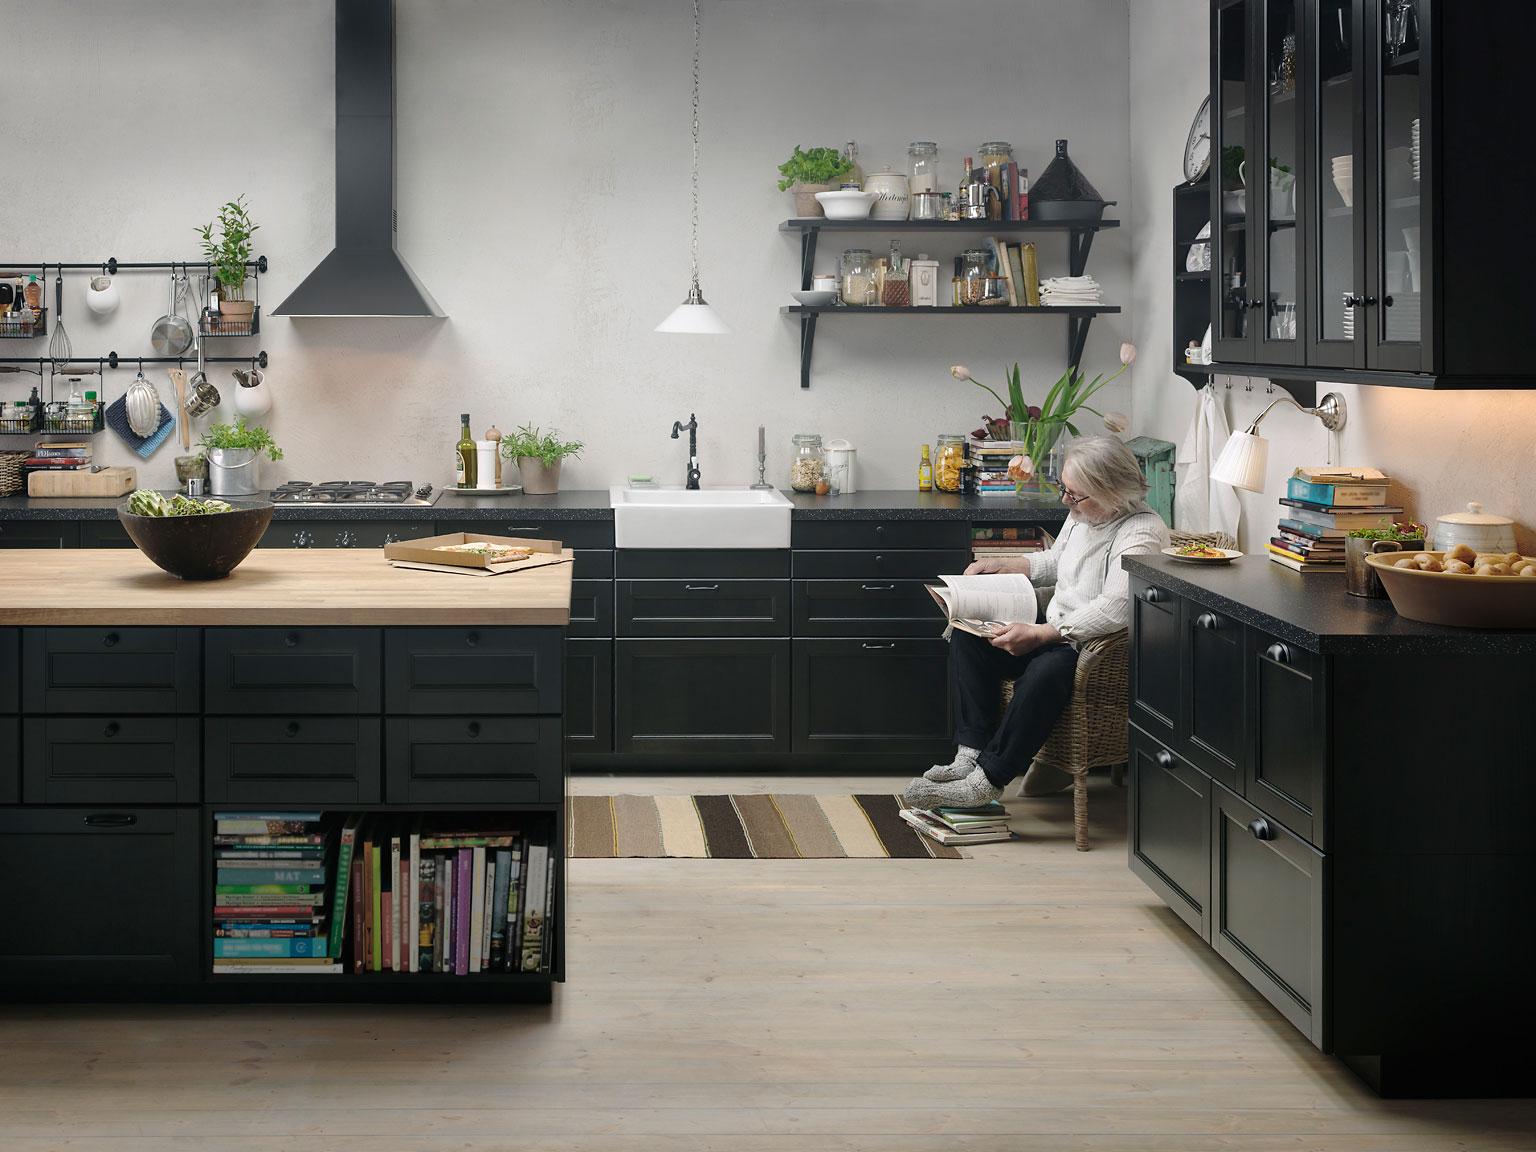 ikea metod bagger bildproduktionbagger bildproduktion. Black Bedroom Furniture Sets. Home Design Ideas